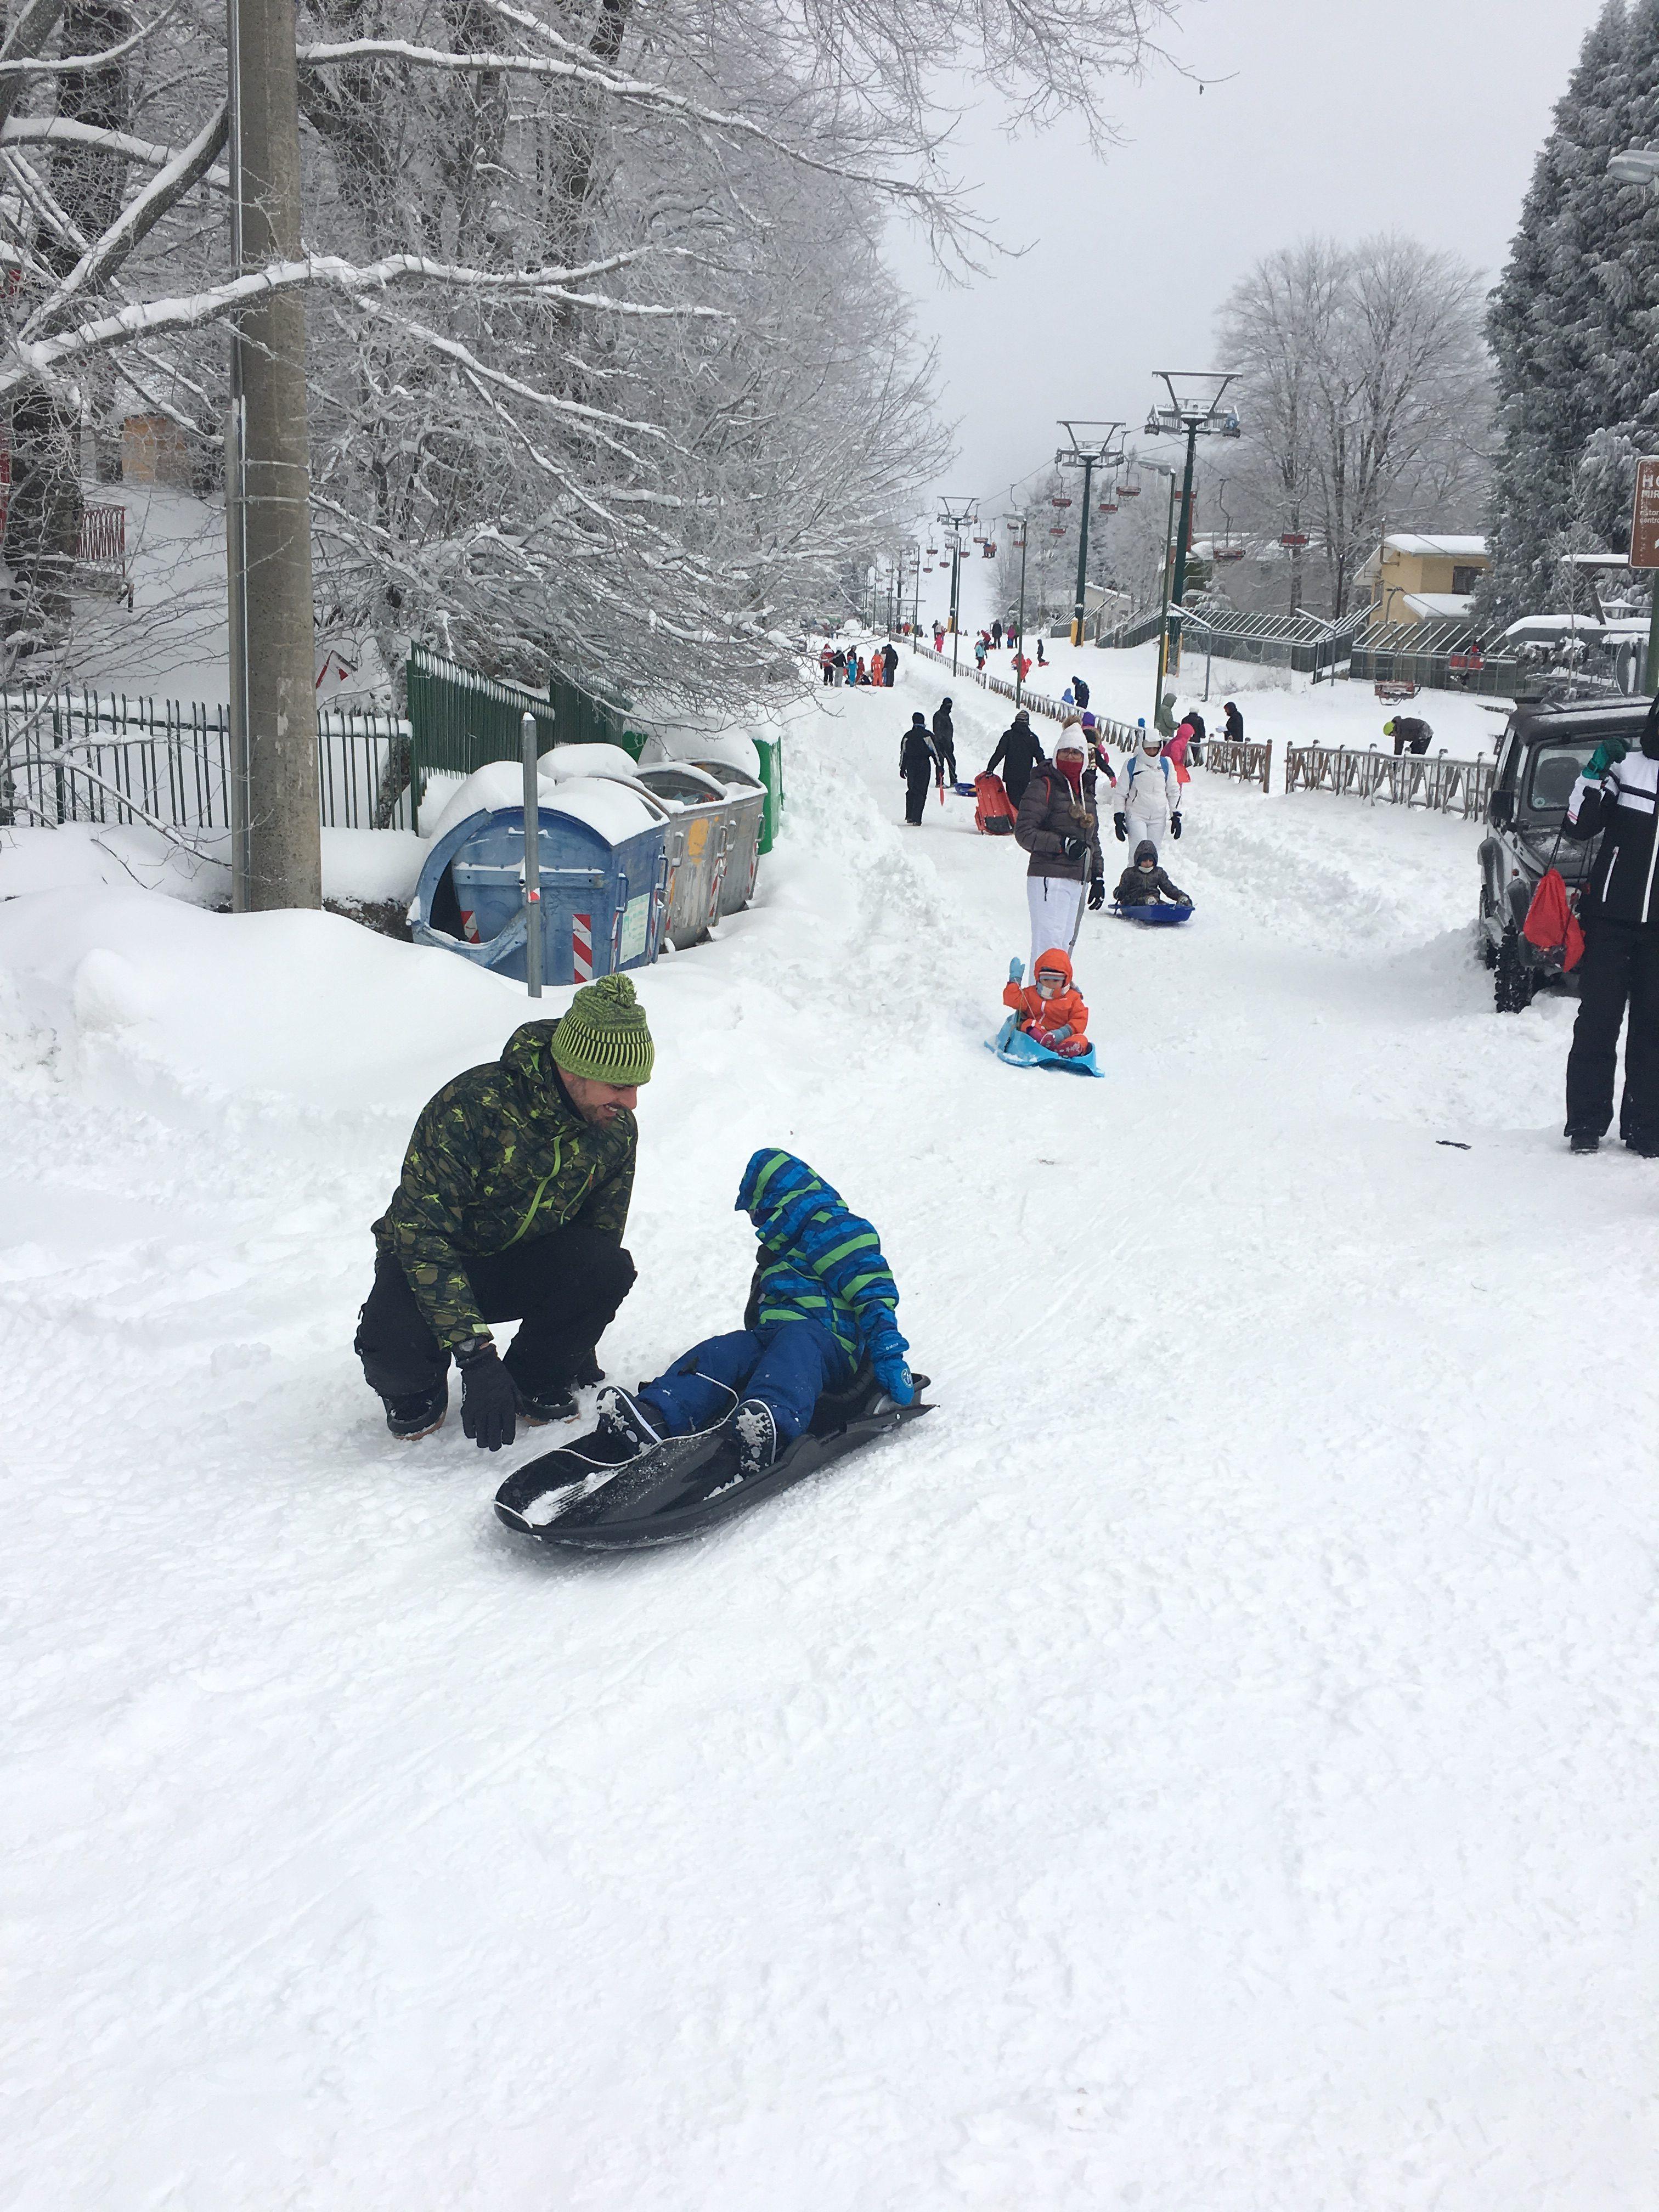 giocare sulla neve